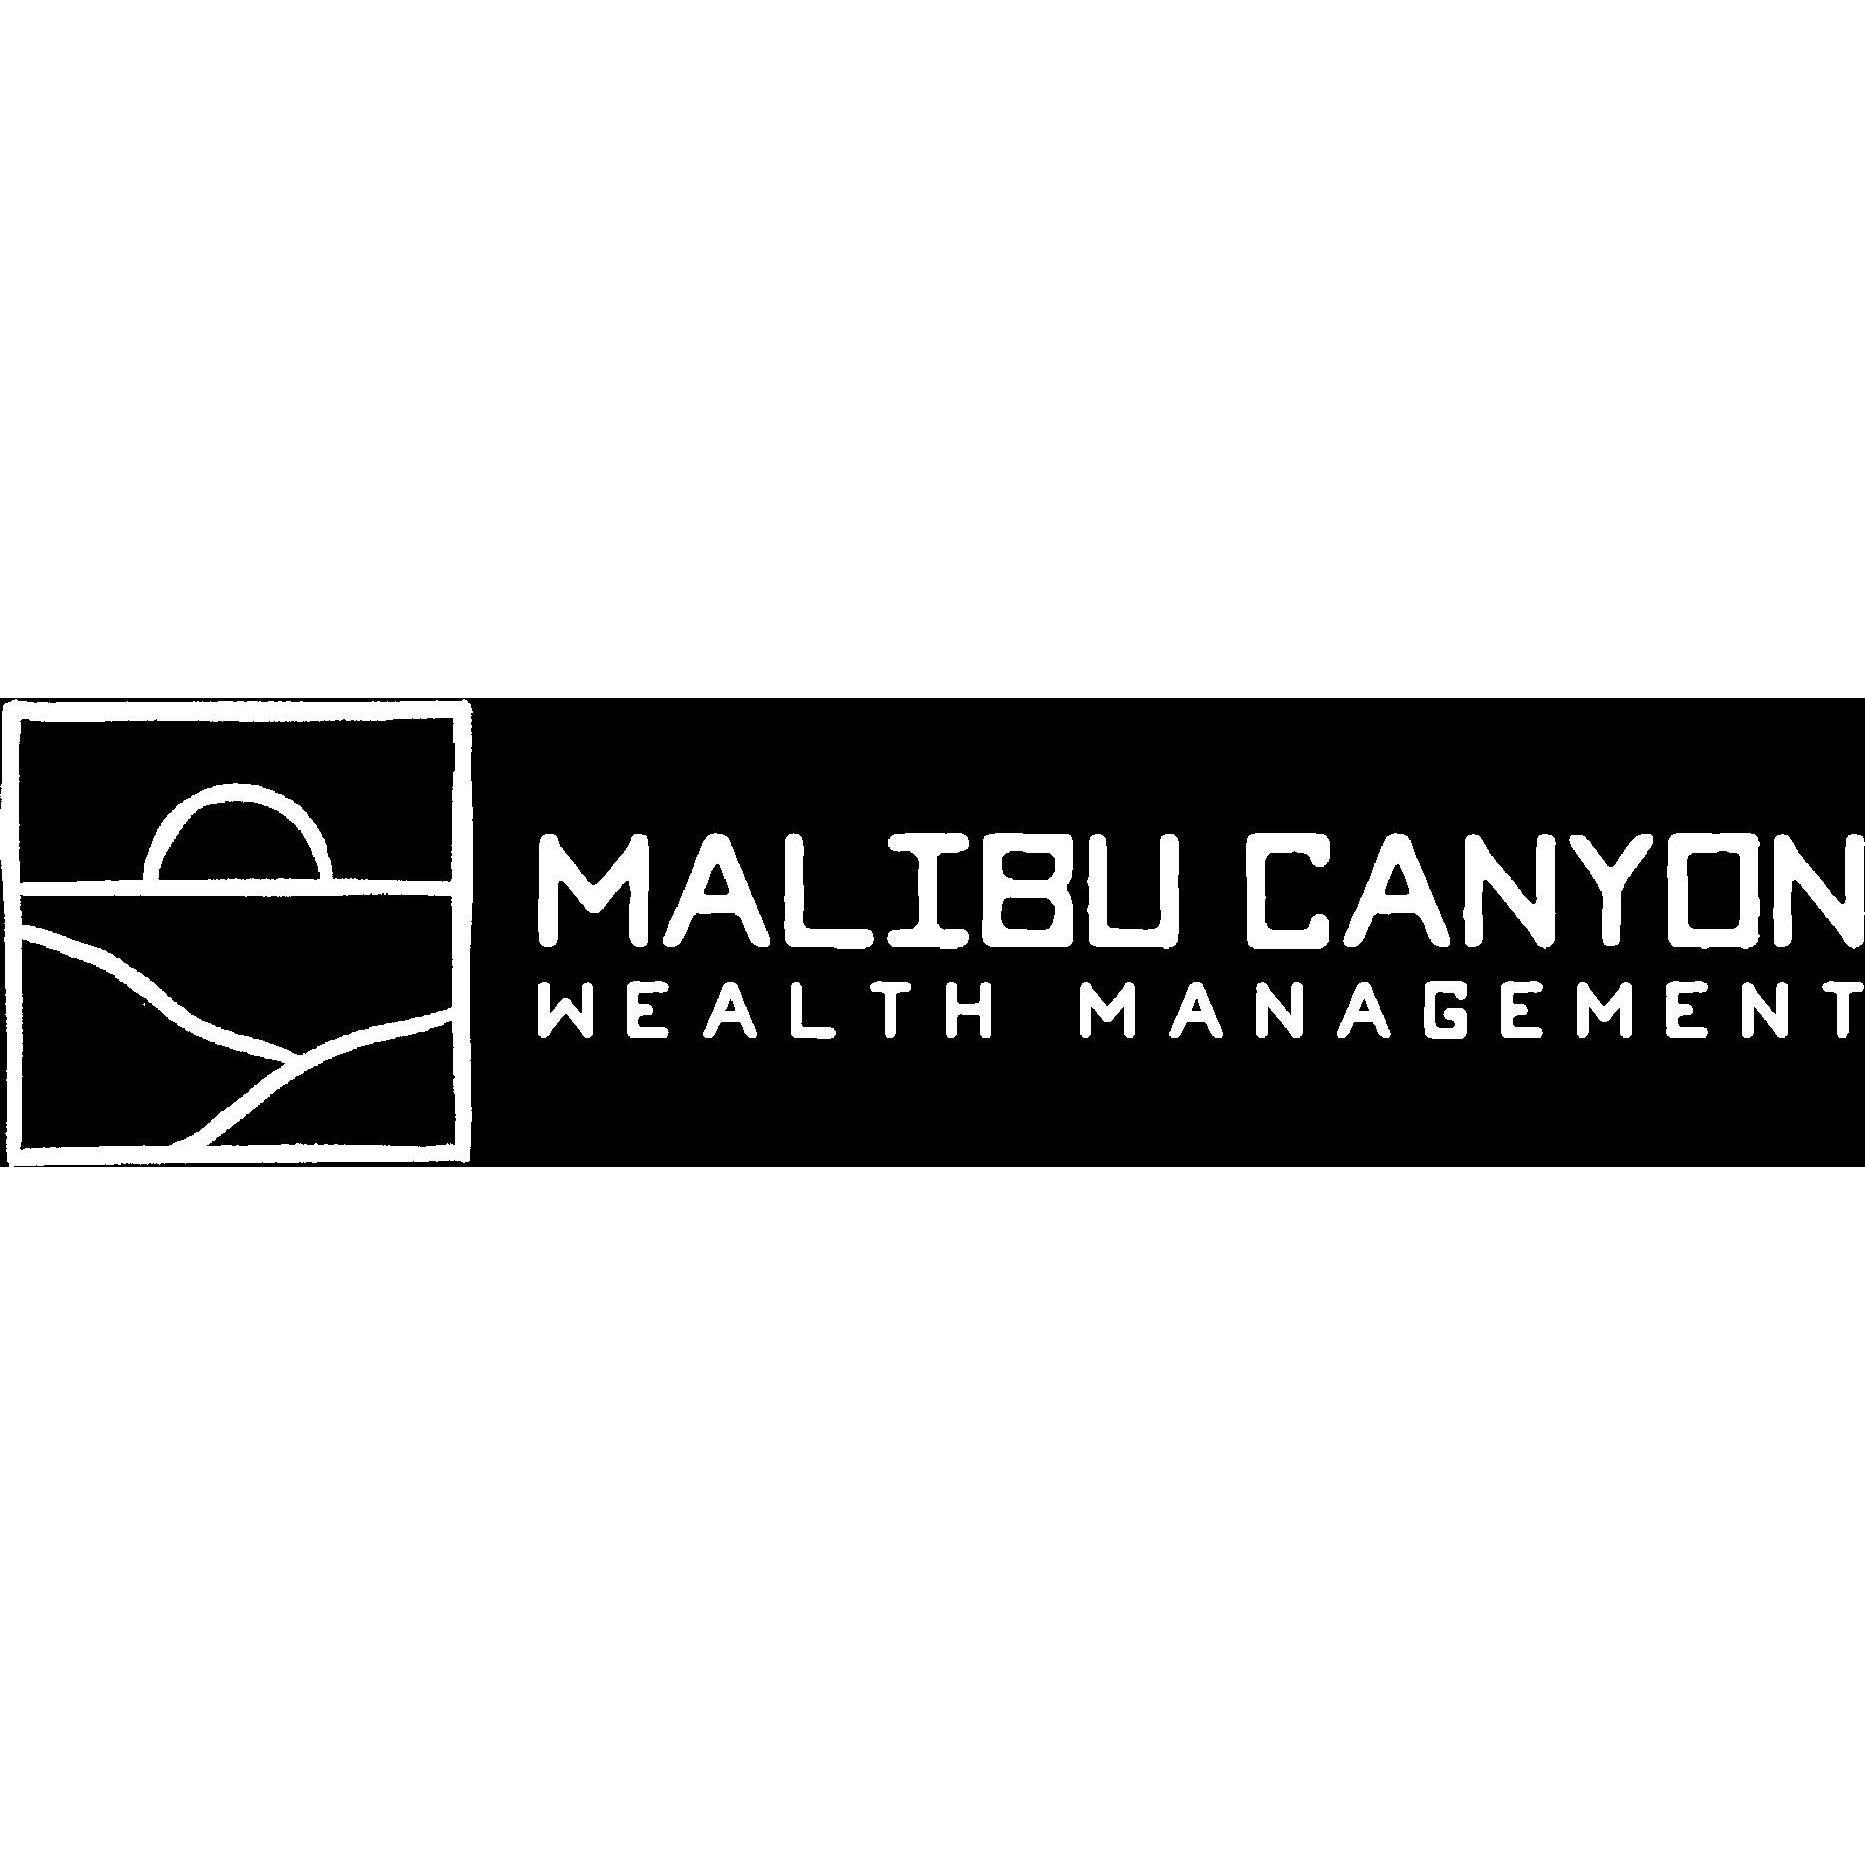 Malibu Canyon Wealth Management